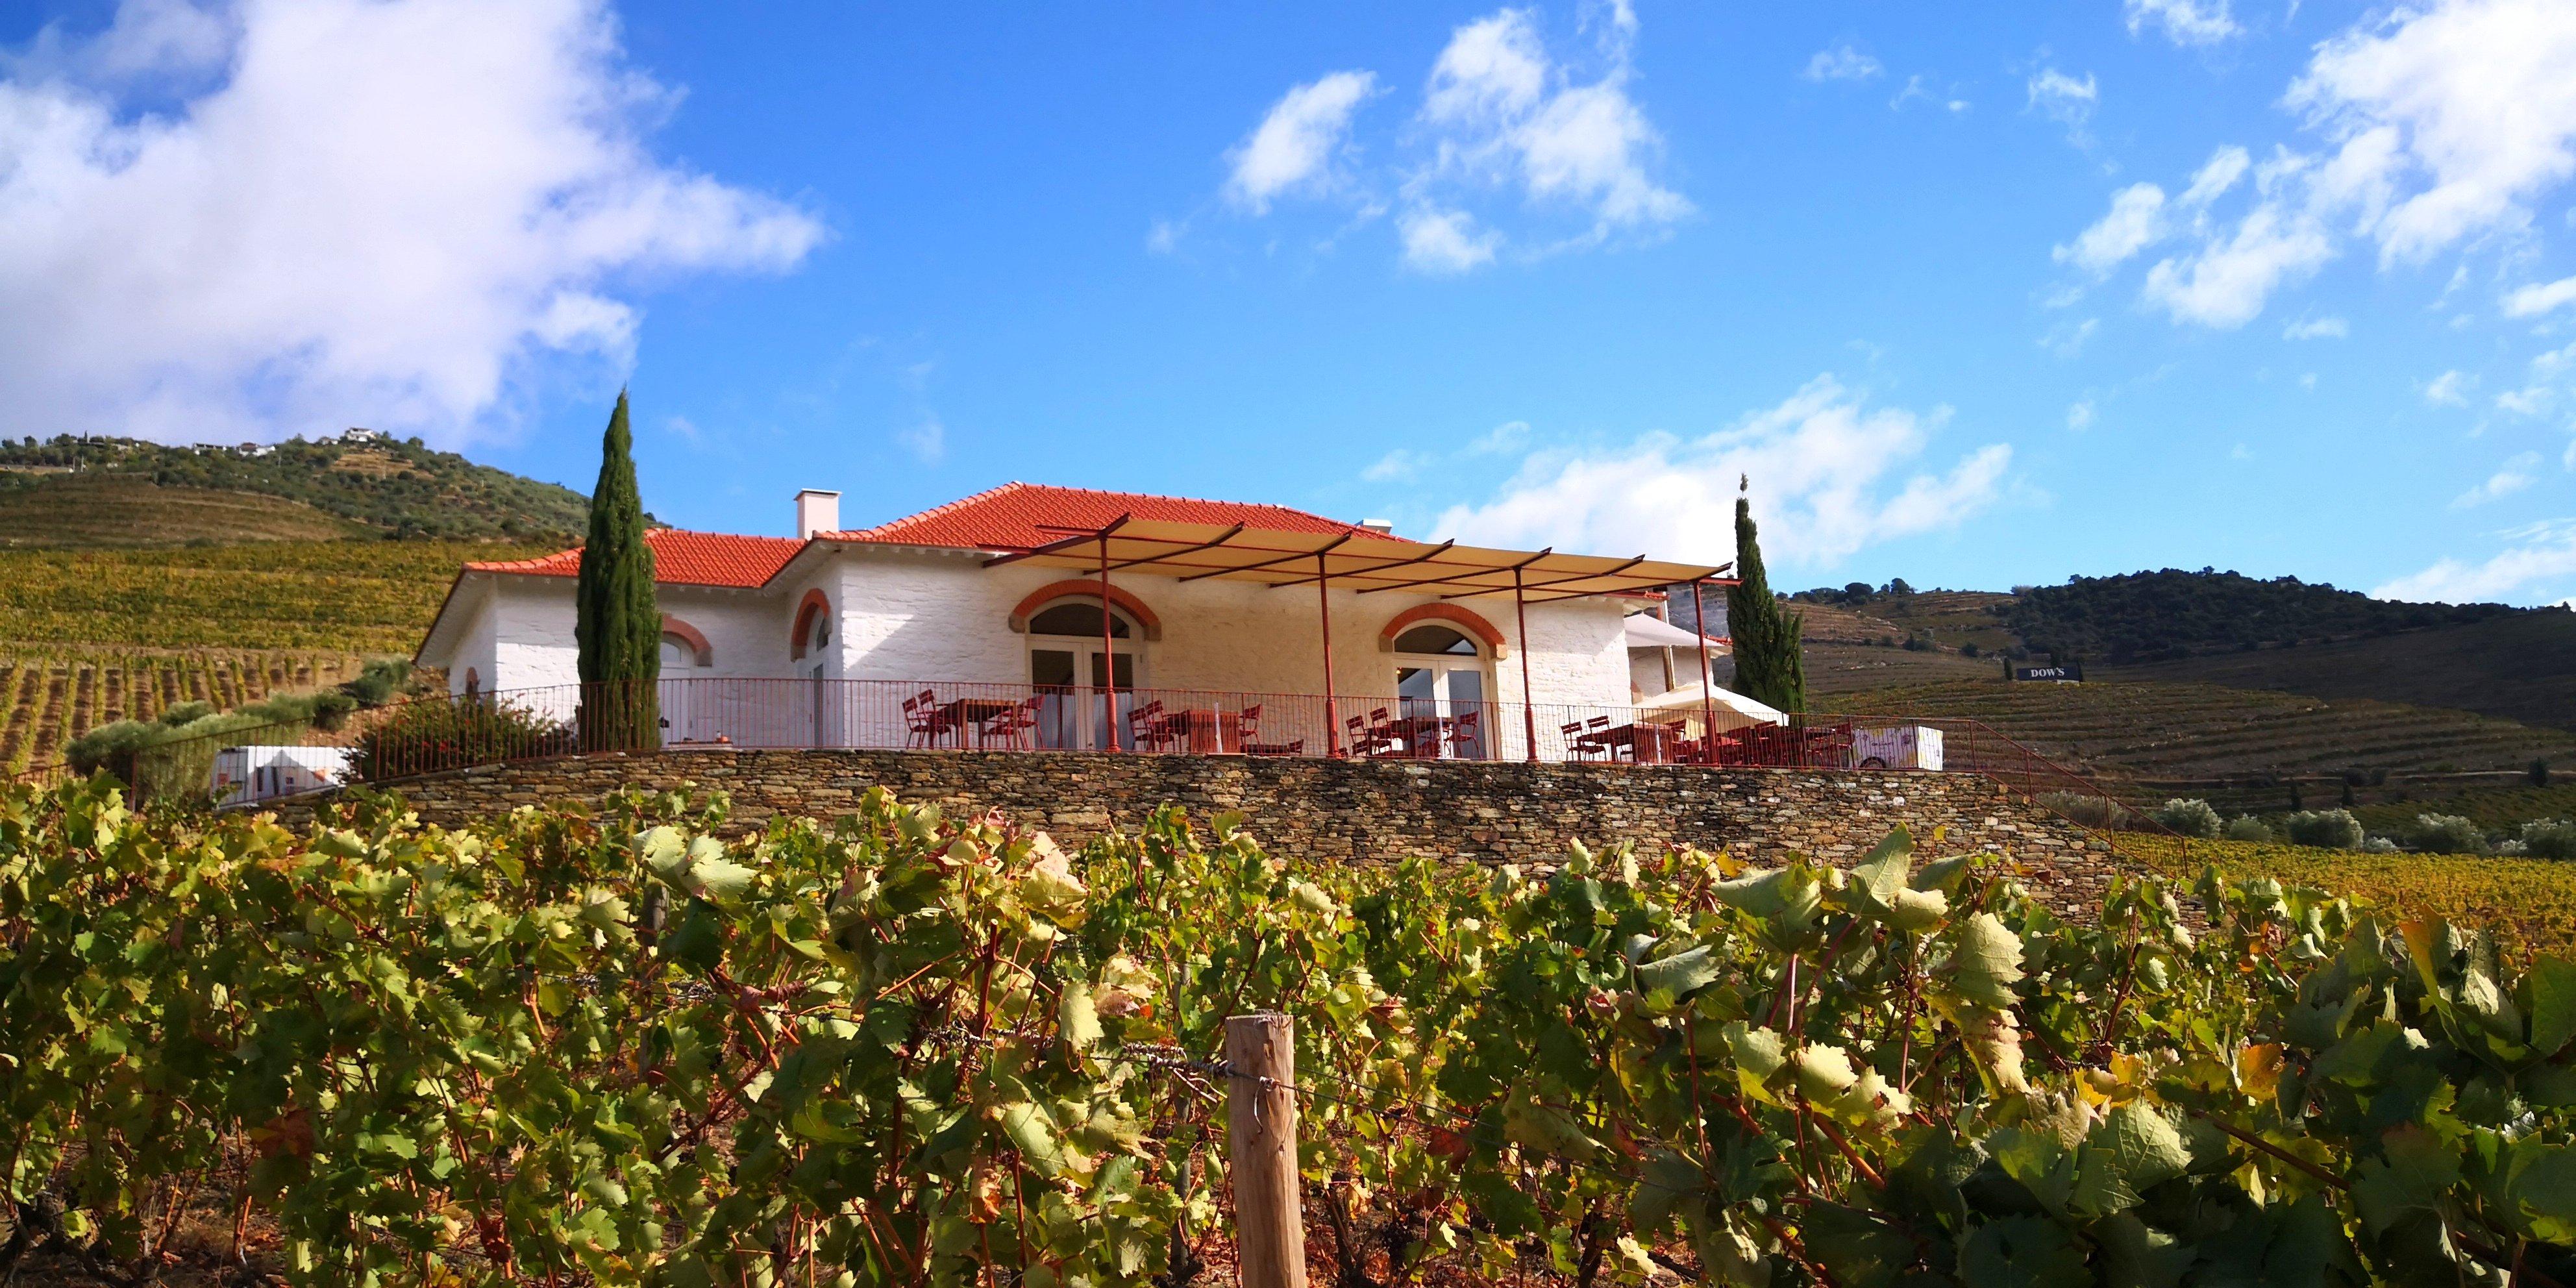 Casa_dos_Ecos_01,_Pinhão,_Vila_Real,_Portugal